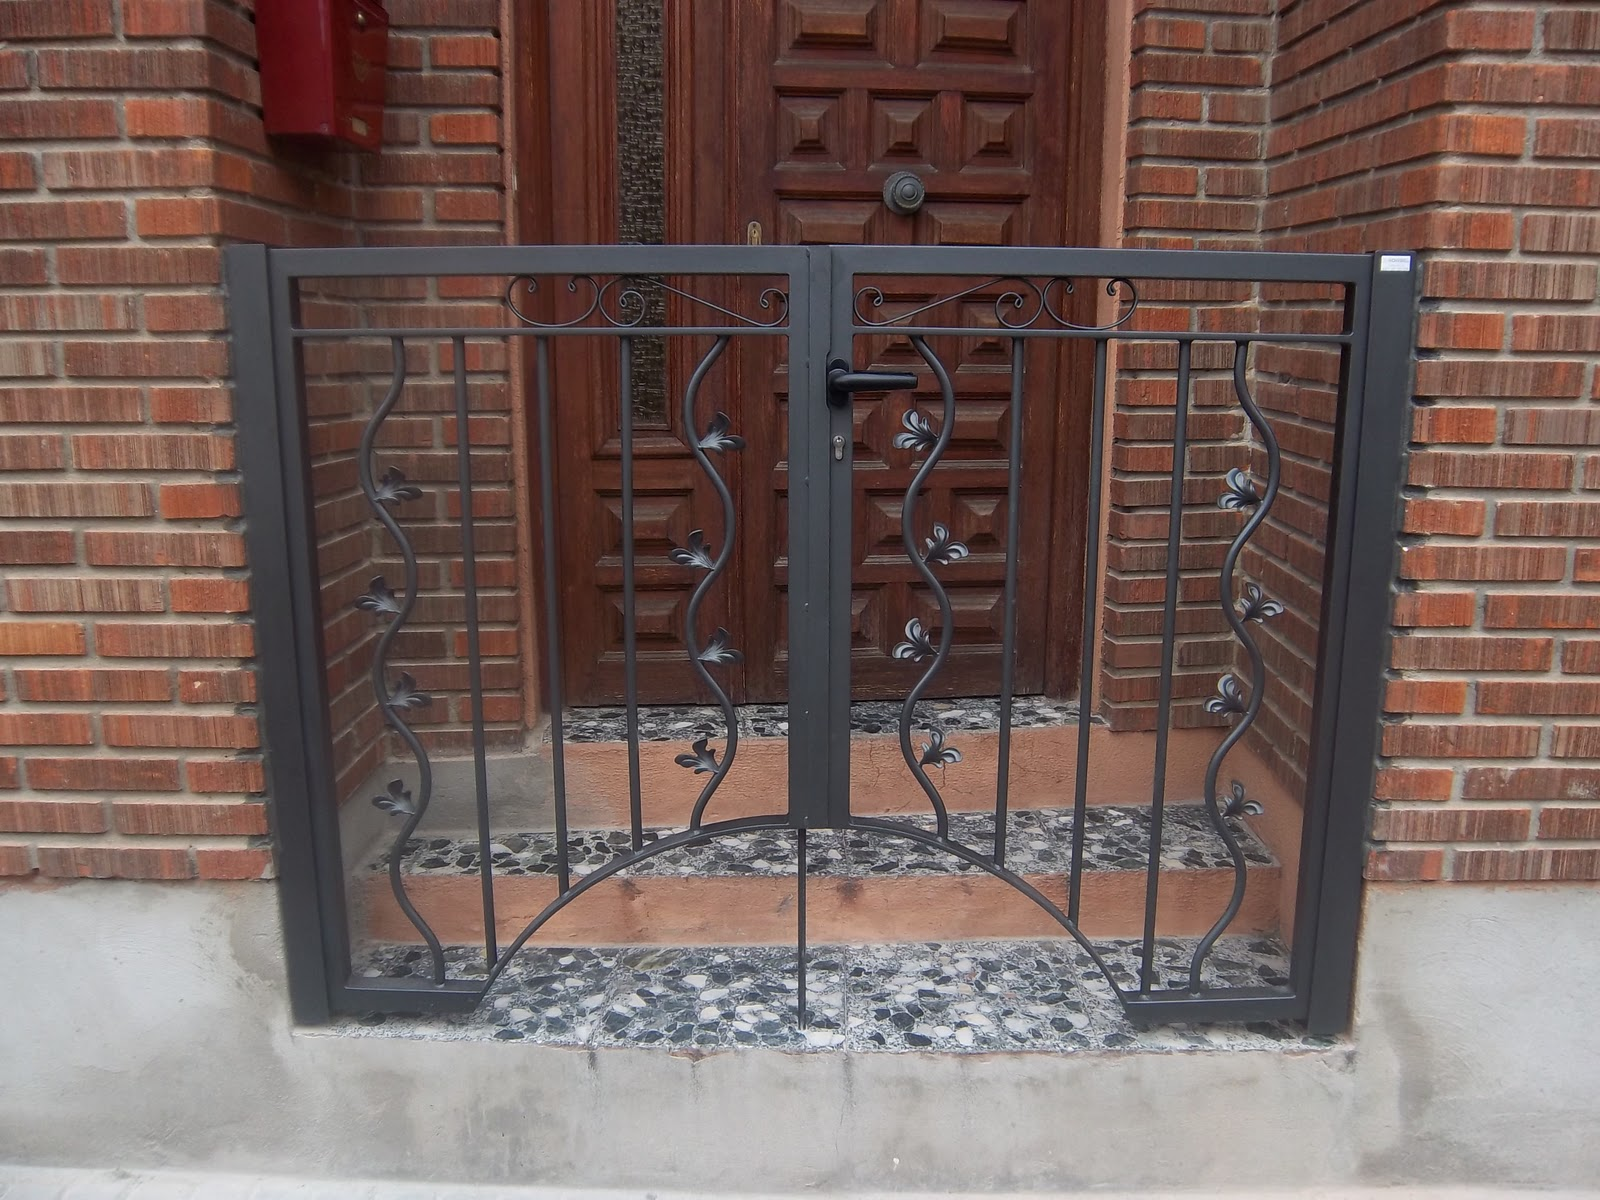 Norbel carpinteria met lica y acero inoxidable puerta de for Puertas de escalera